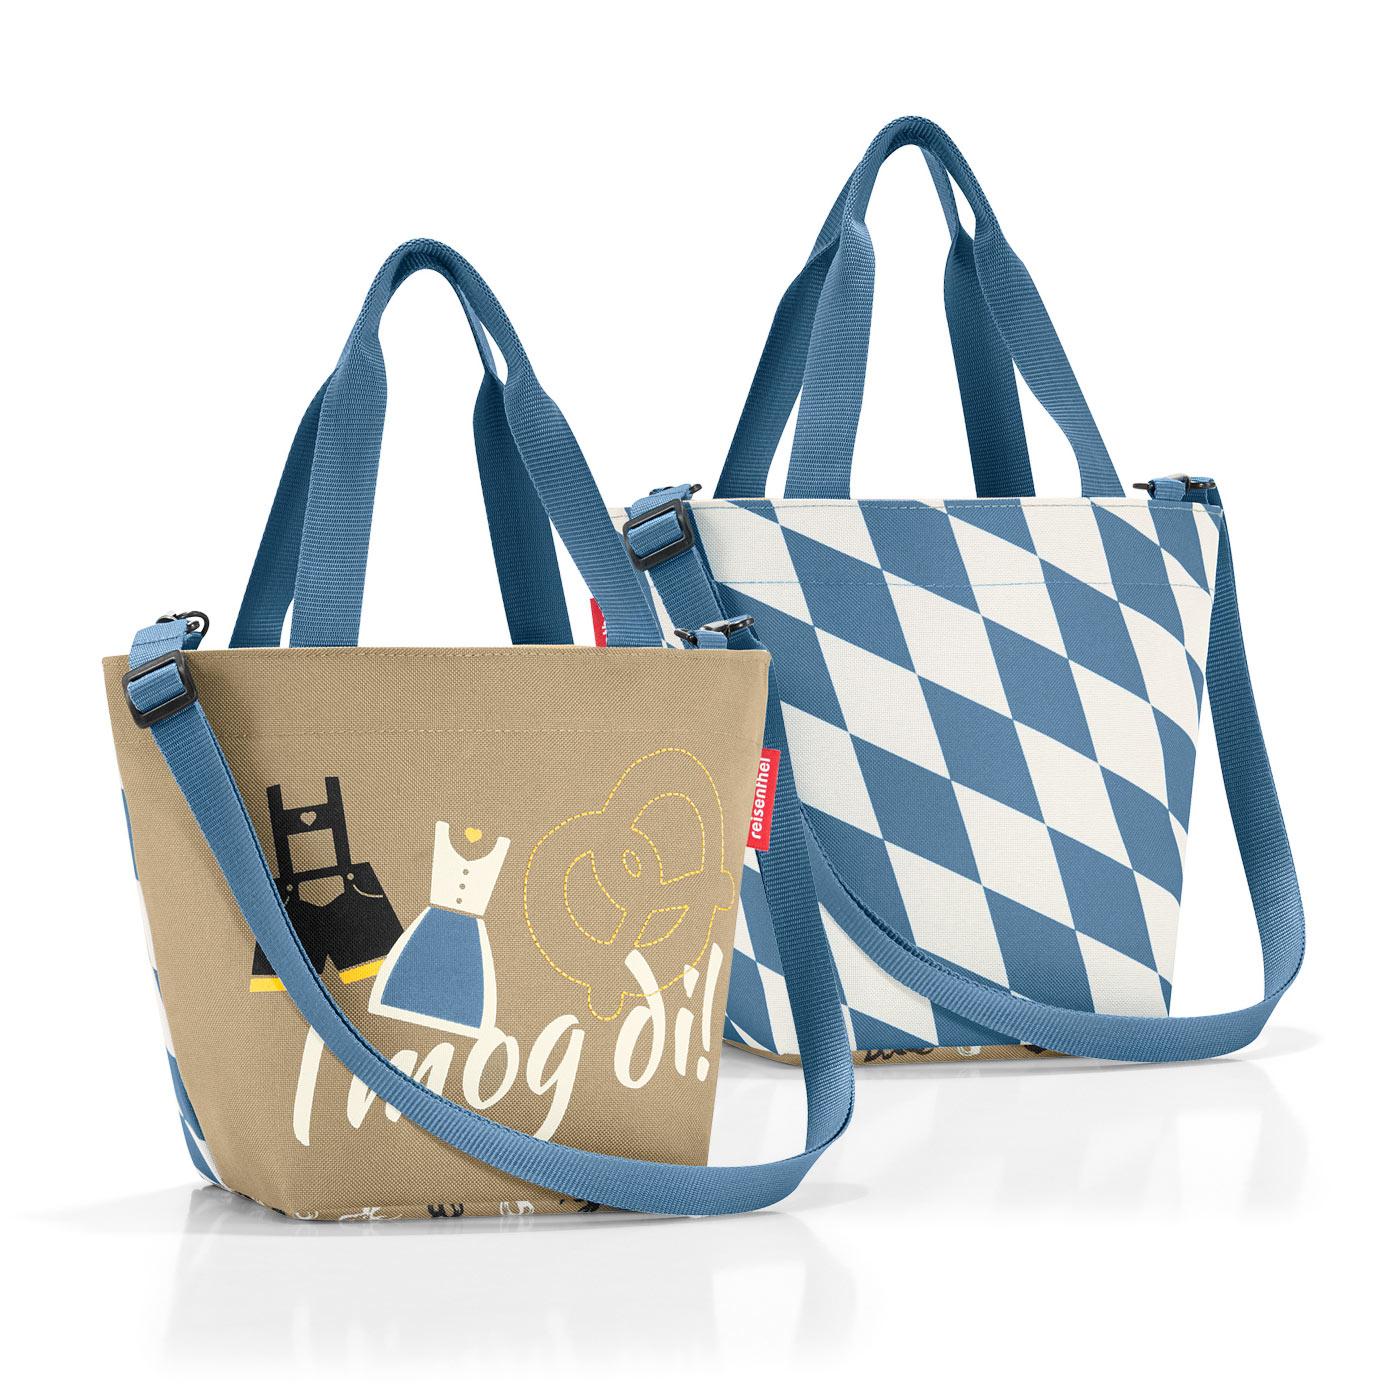 reisenthel-shopper-XS-Kinder-Tasche-Tragetasche-Umhaengetasche-Einkaufstasche